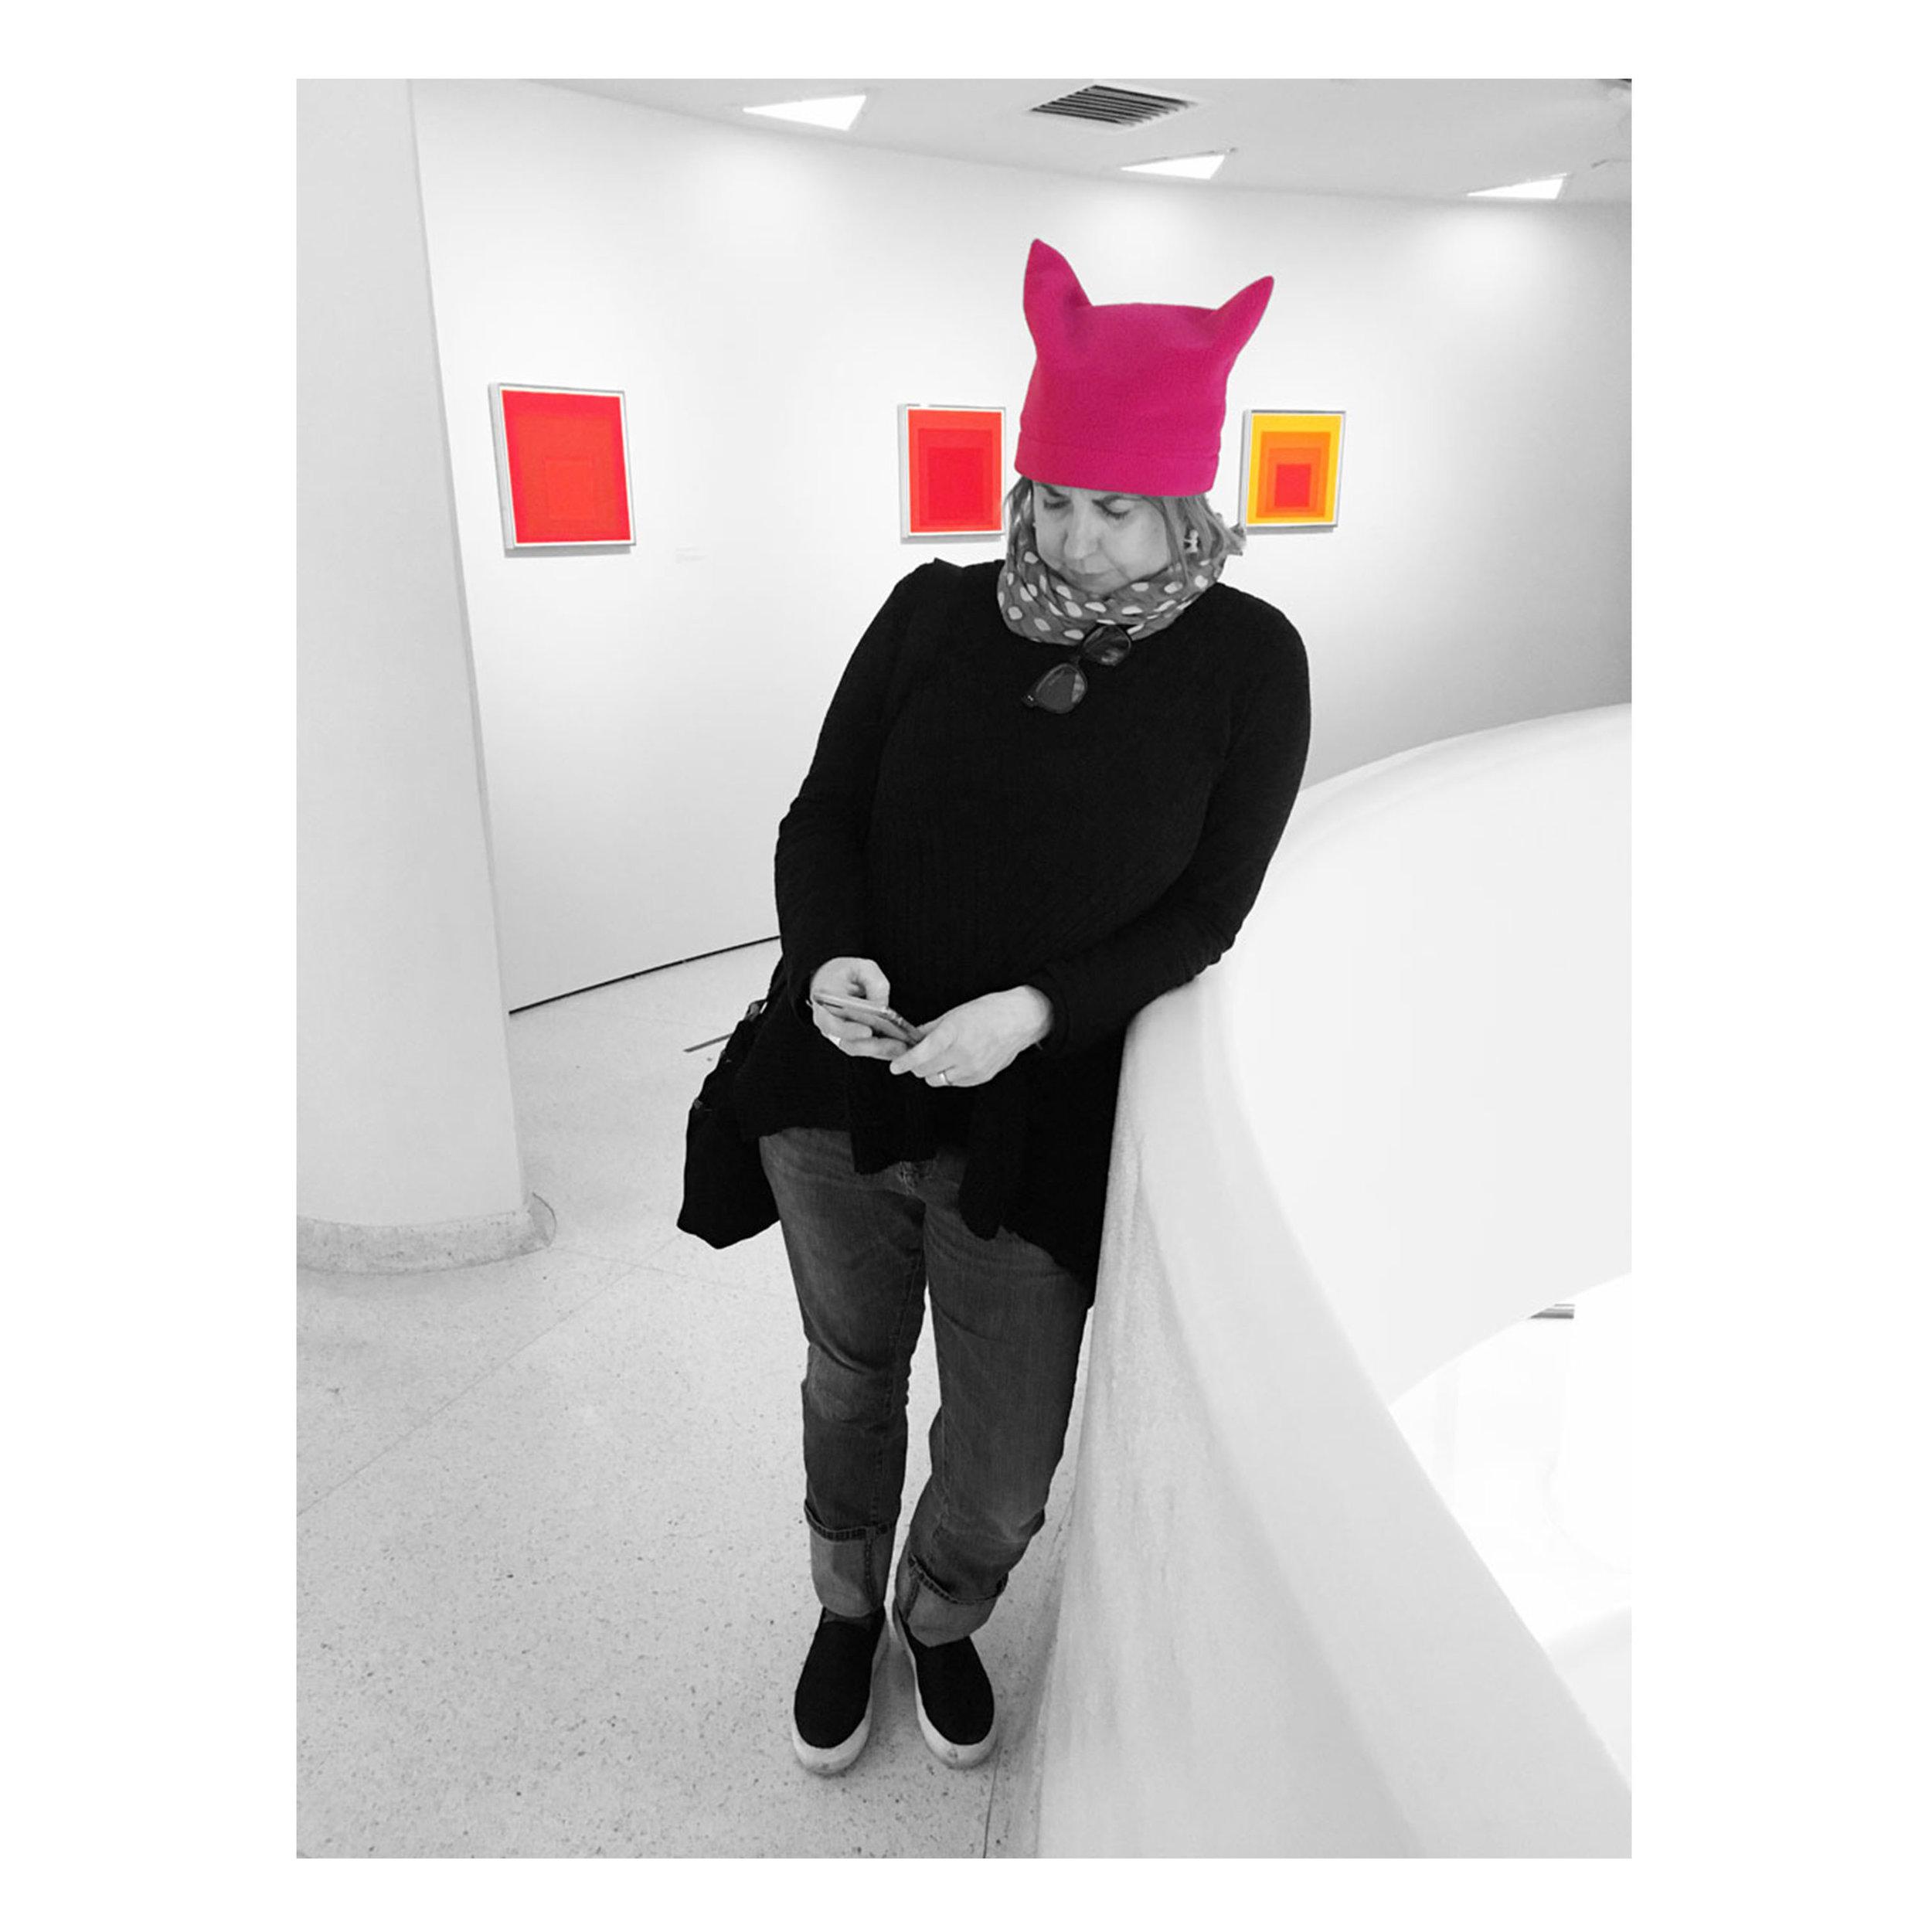 Phone break at the Guggenheim, January 2018